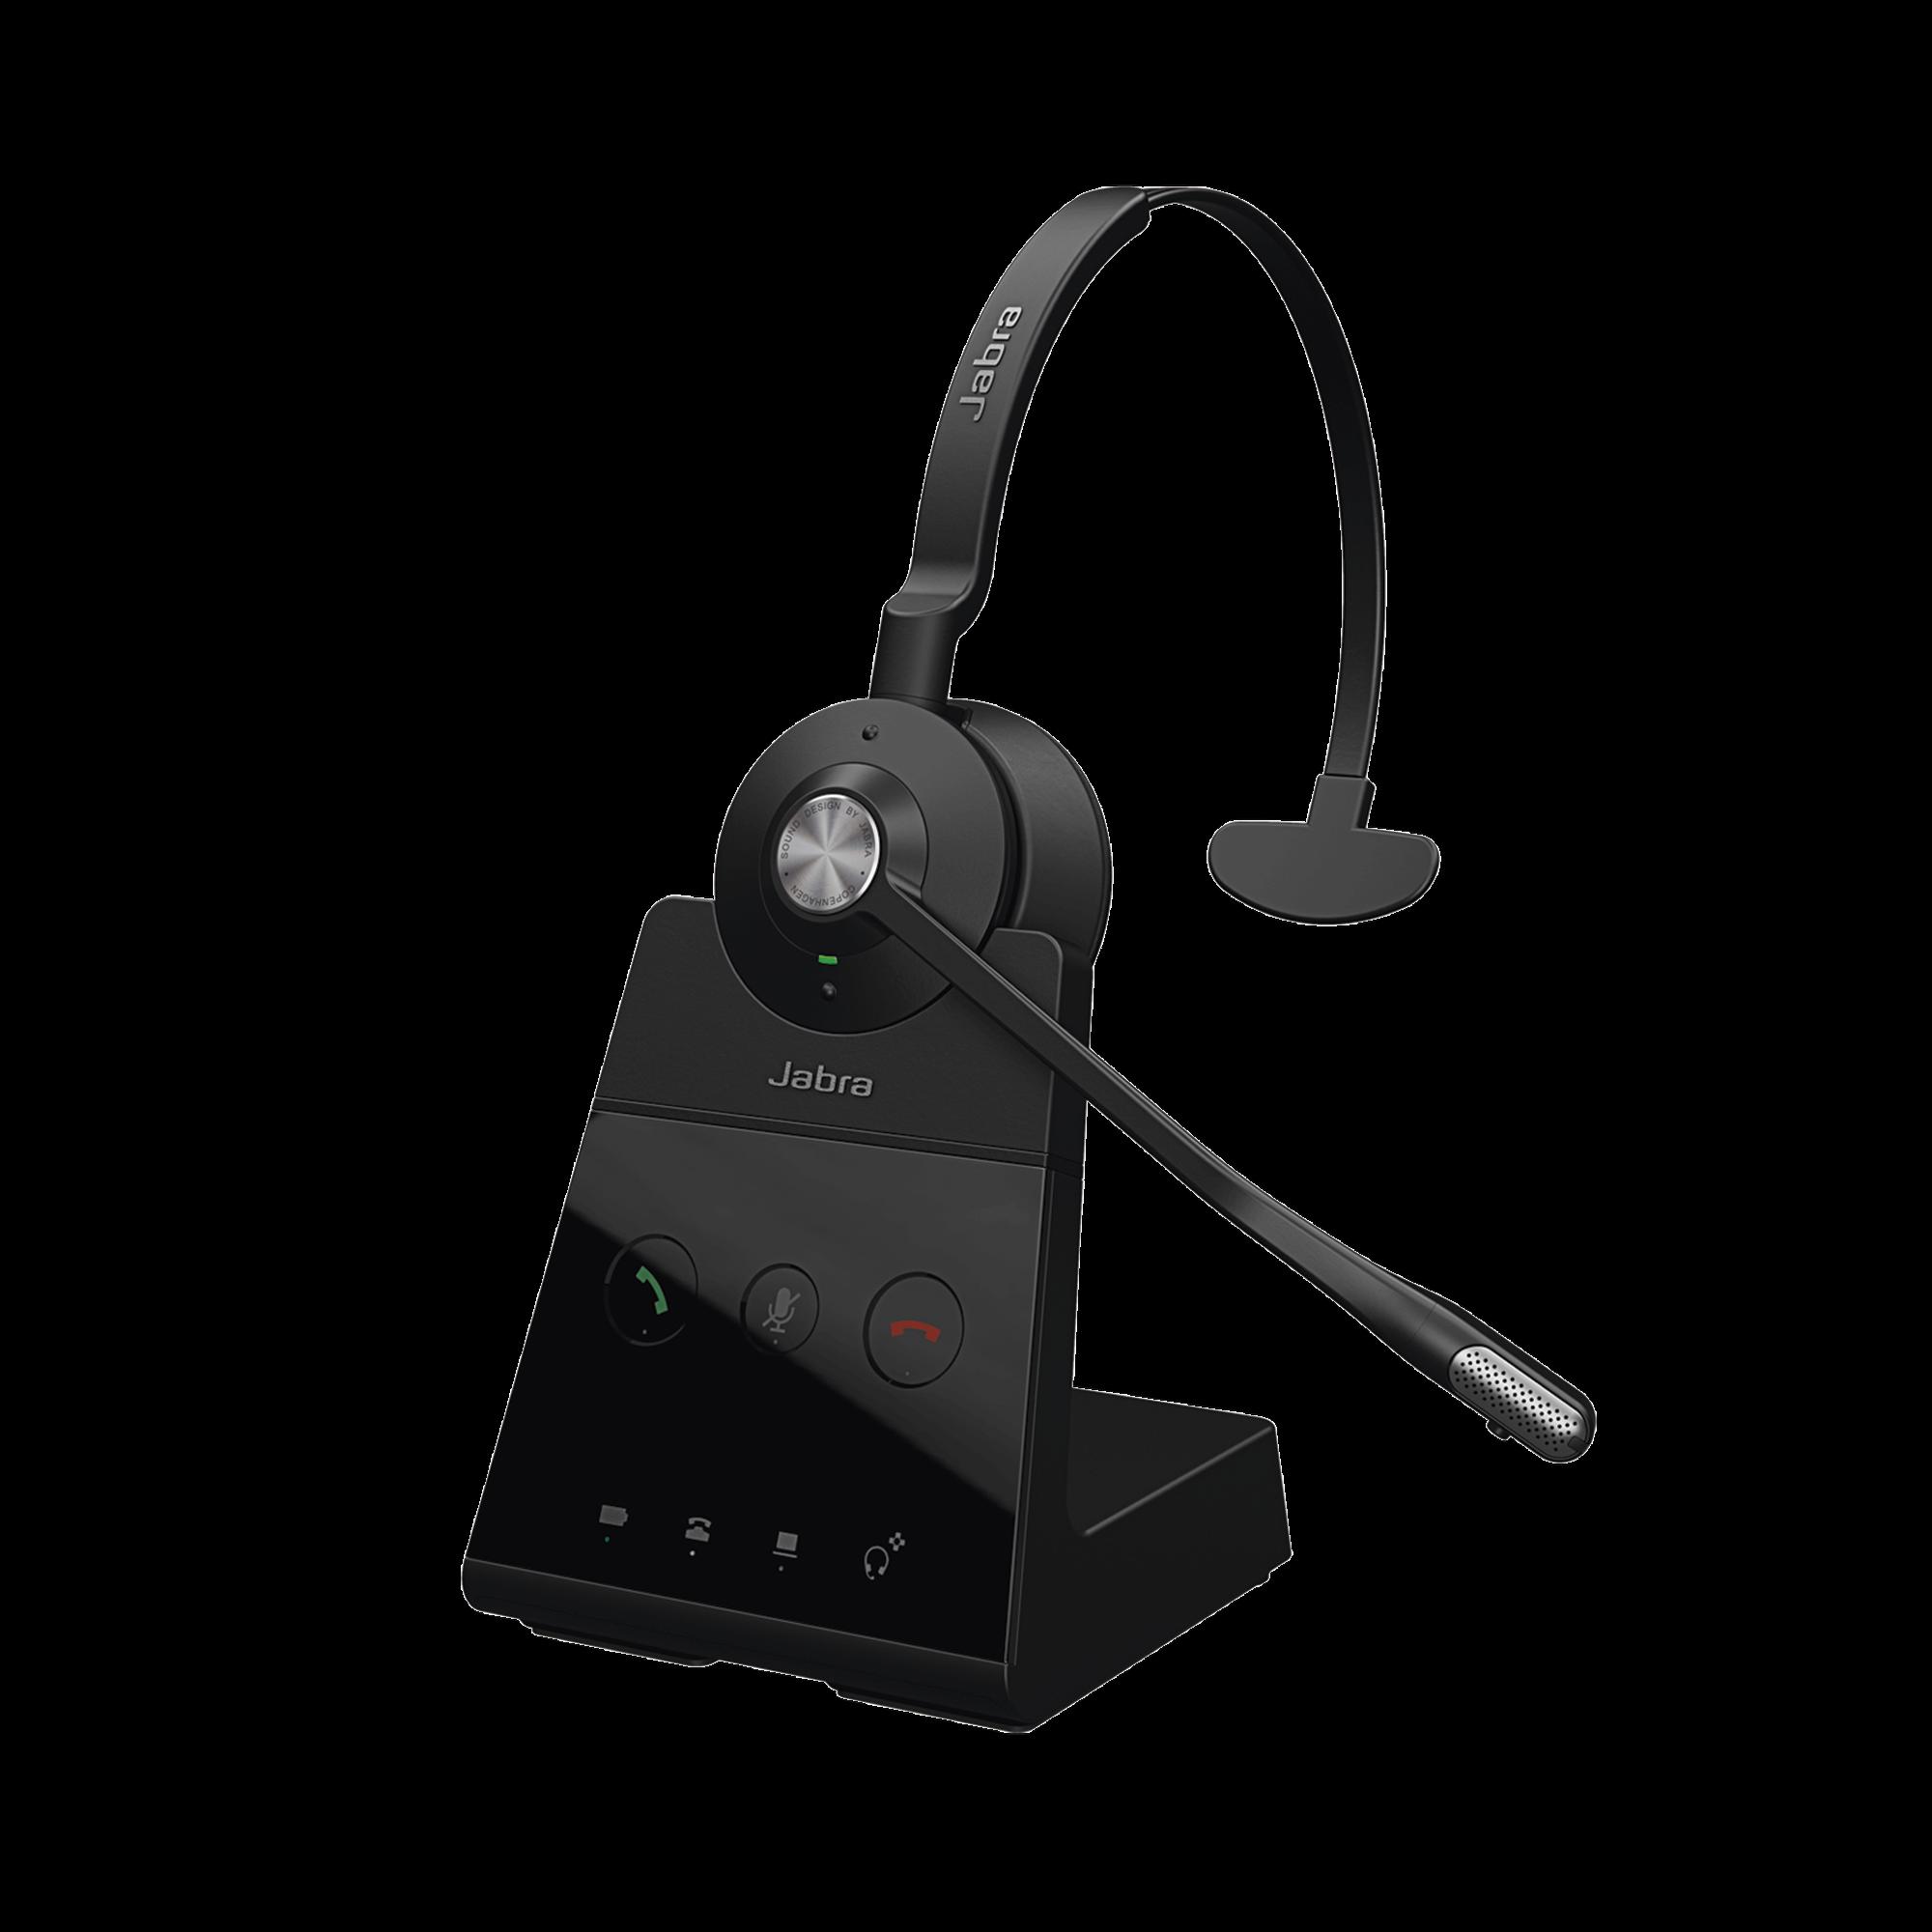 Engage 65 mono con conexion DECT y USB, ideal para entornos con necesidad de seguridad o de mucha densidad  (9553-553-125)